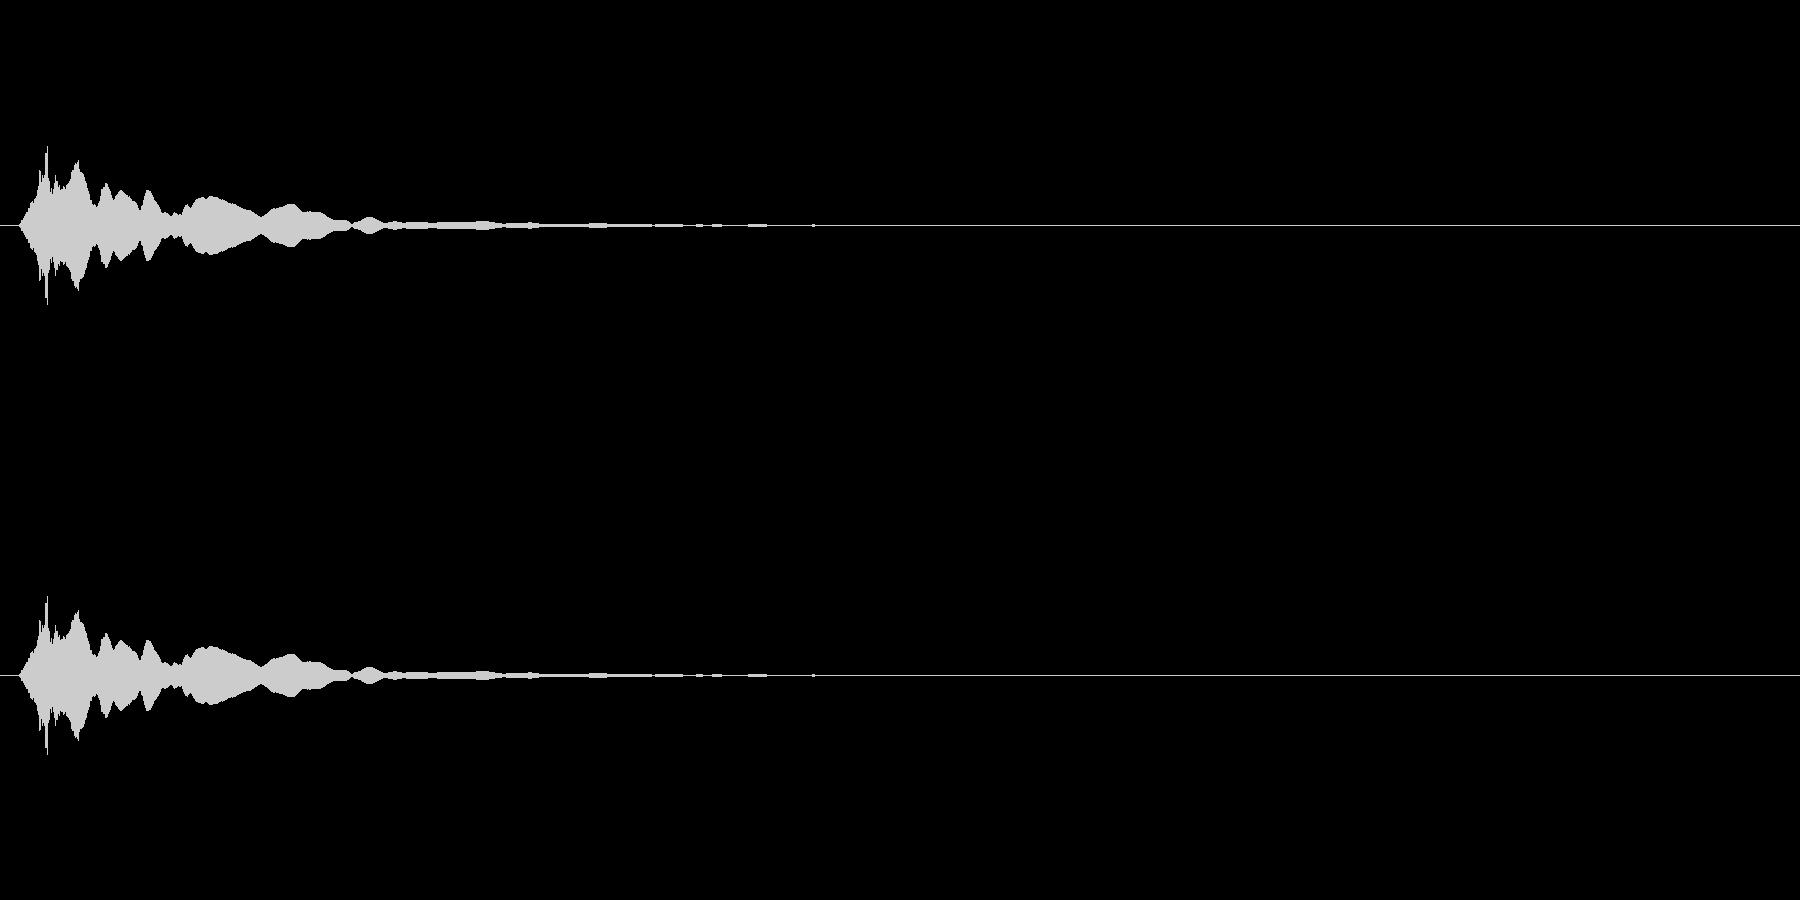 ピーン(ポイント,テロップ)の未再生の波形